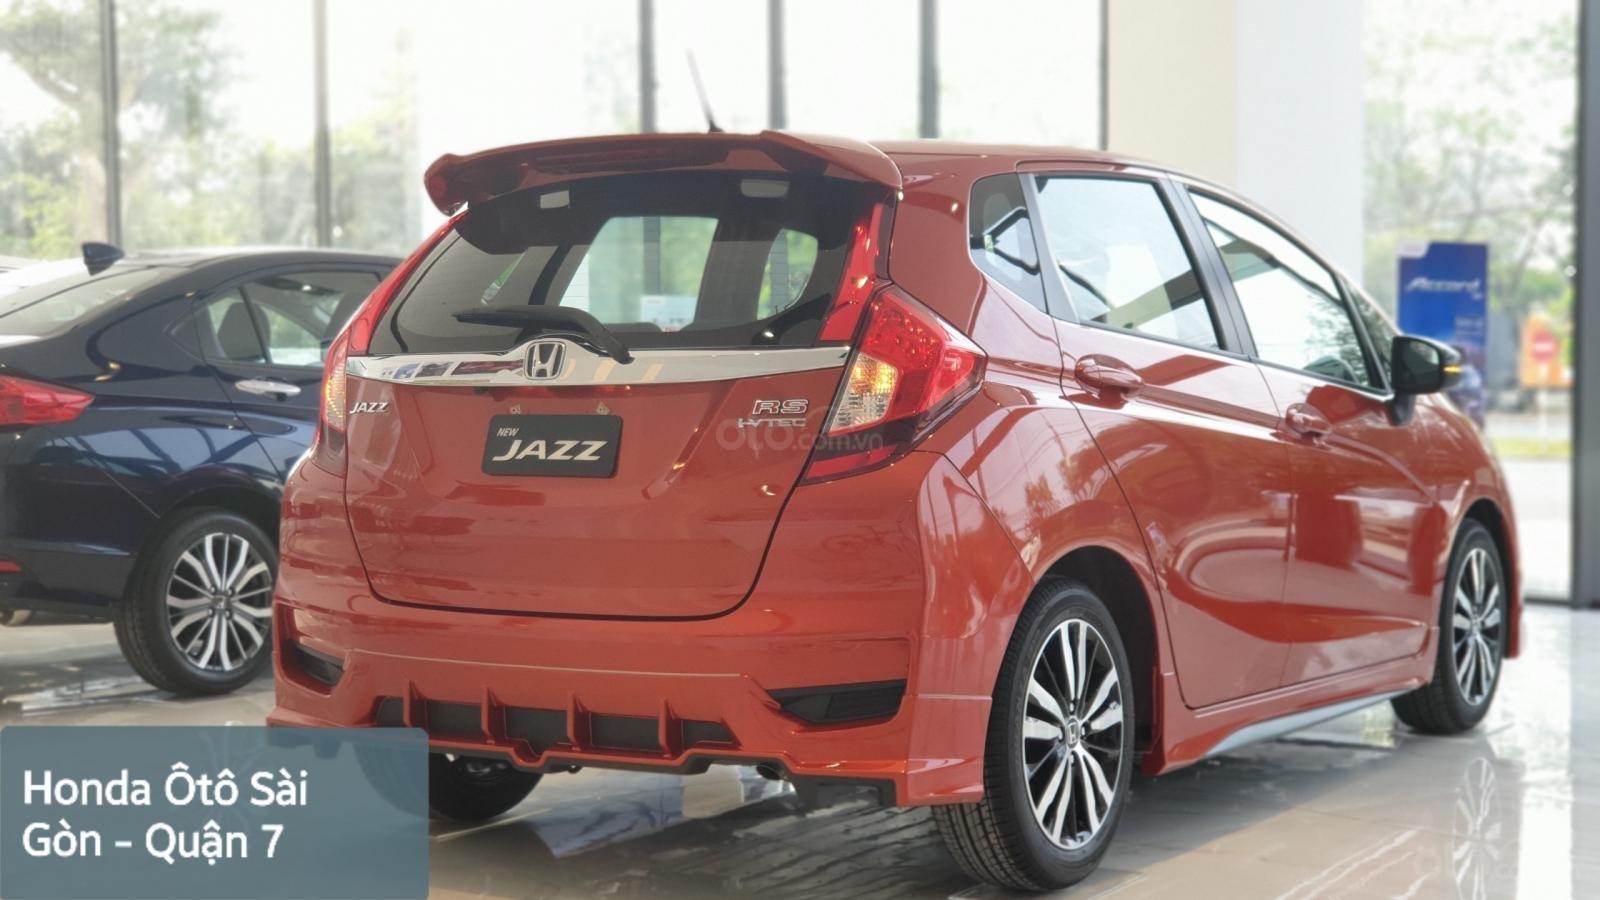 Bán Honda Jazz RS Mugen, khuyến mãi hết Ga + thay nhớt miễn phí 1 năm, dán kính toàn xe hoặc 40tr-2